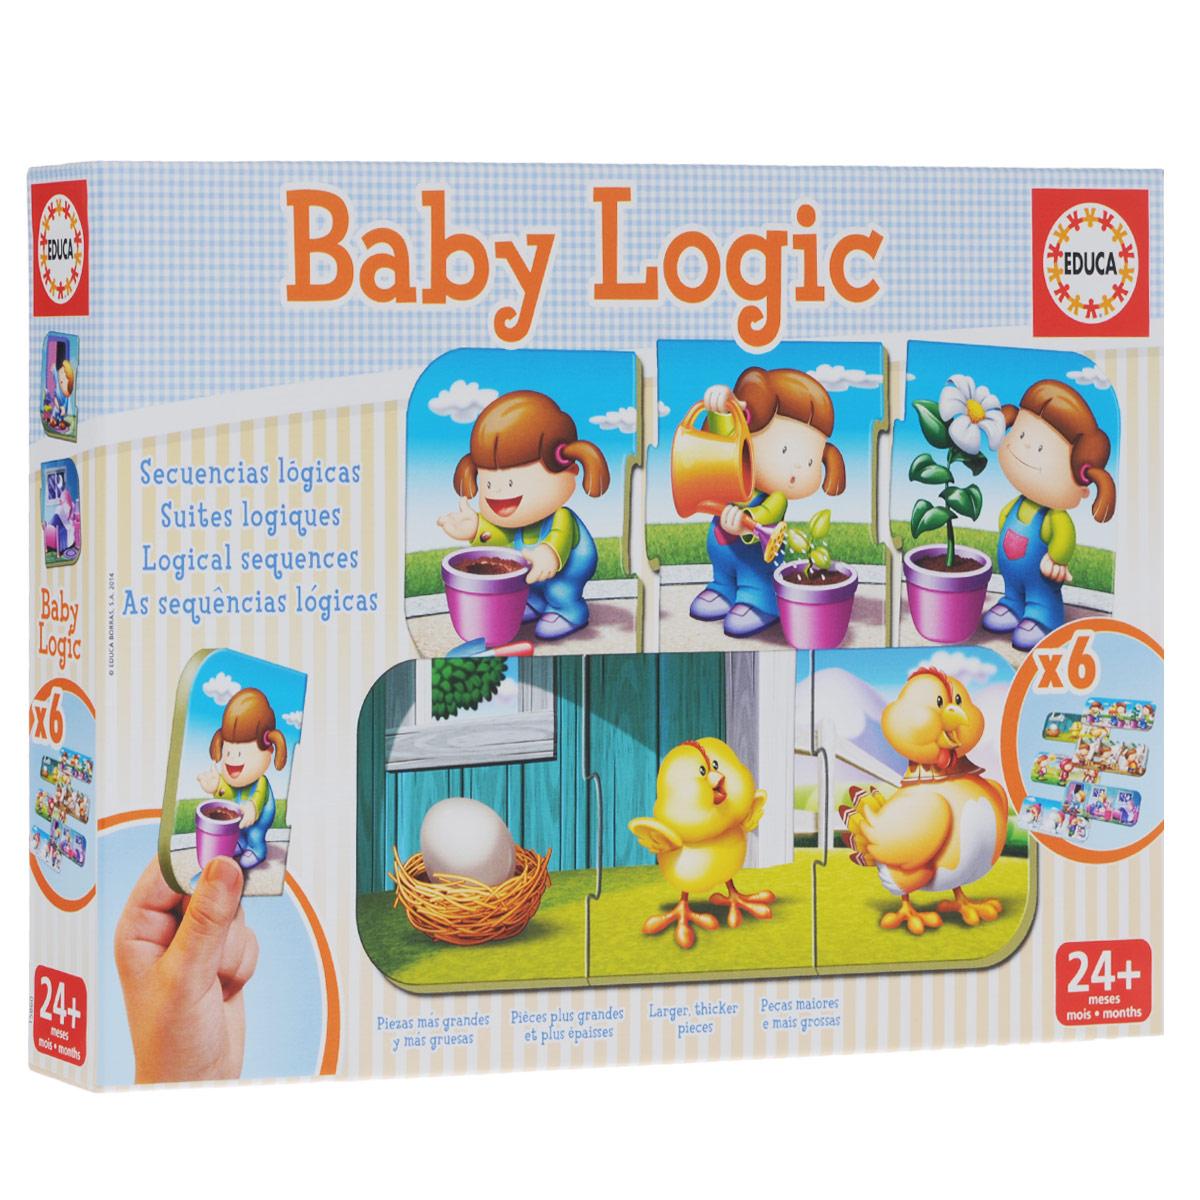 """Игра-пазл """"Логика"""" обязательно привлечет внимание вашего малыша и поднимет настроение жизнерадостными образами! Комплект включает в себя 18 элементов, с помощью которых ребенок сможет собрать шесть логических картинок. Пазлы собираются из трех элементов. Ребенку предстоит сформировать последовательность между картинками, выстроив логическую цепочку, например: яйцо - цыпленок - курица. Благодаря прочному материалу детали пазлов легко крепятся между собой, а крупный размер деталей будет удобен для маленьких ручек малыша. Игра-пазл """"Логика"""" поможет ребенку в развитии логического мышления, воображения, памяти и мелкой моторики рук."""